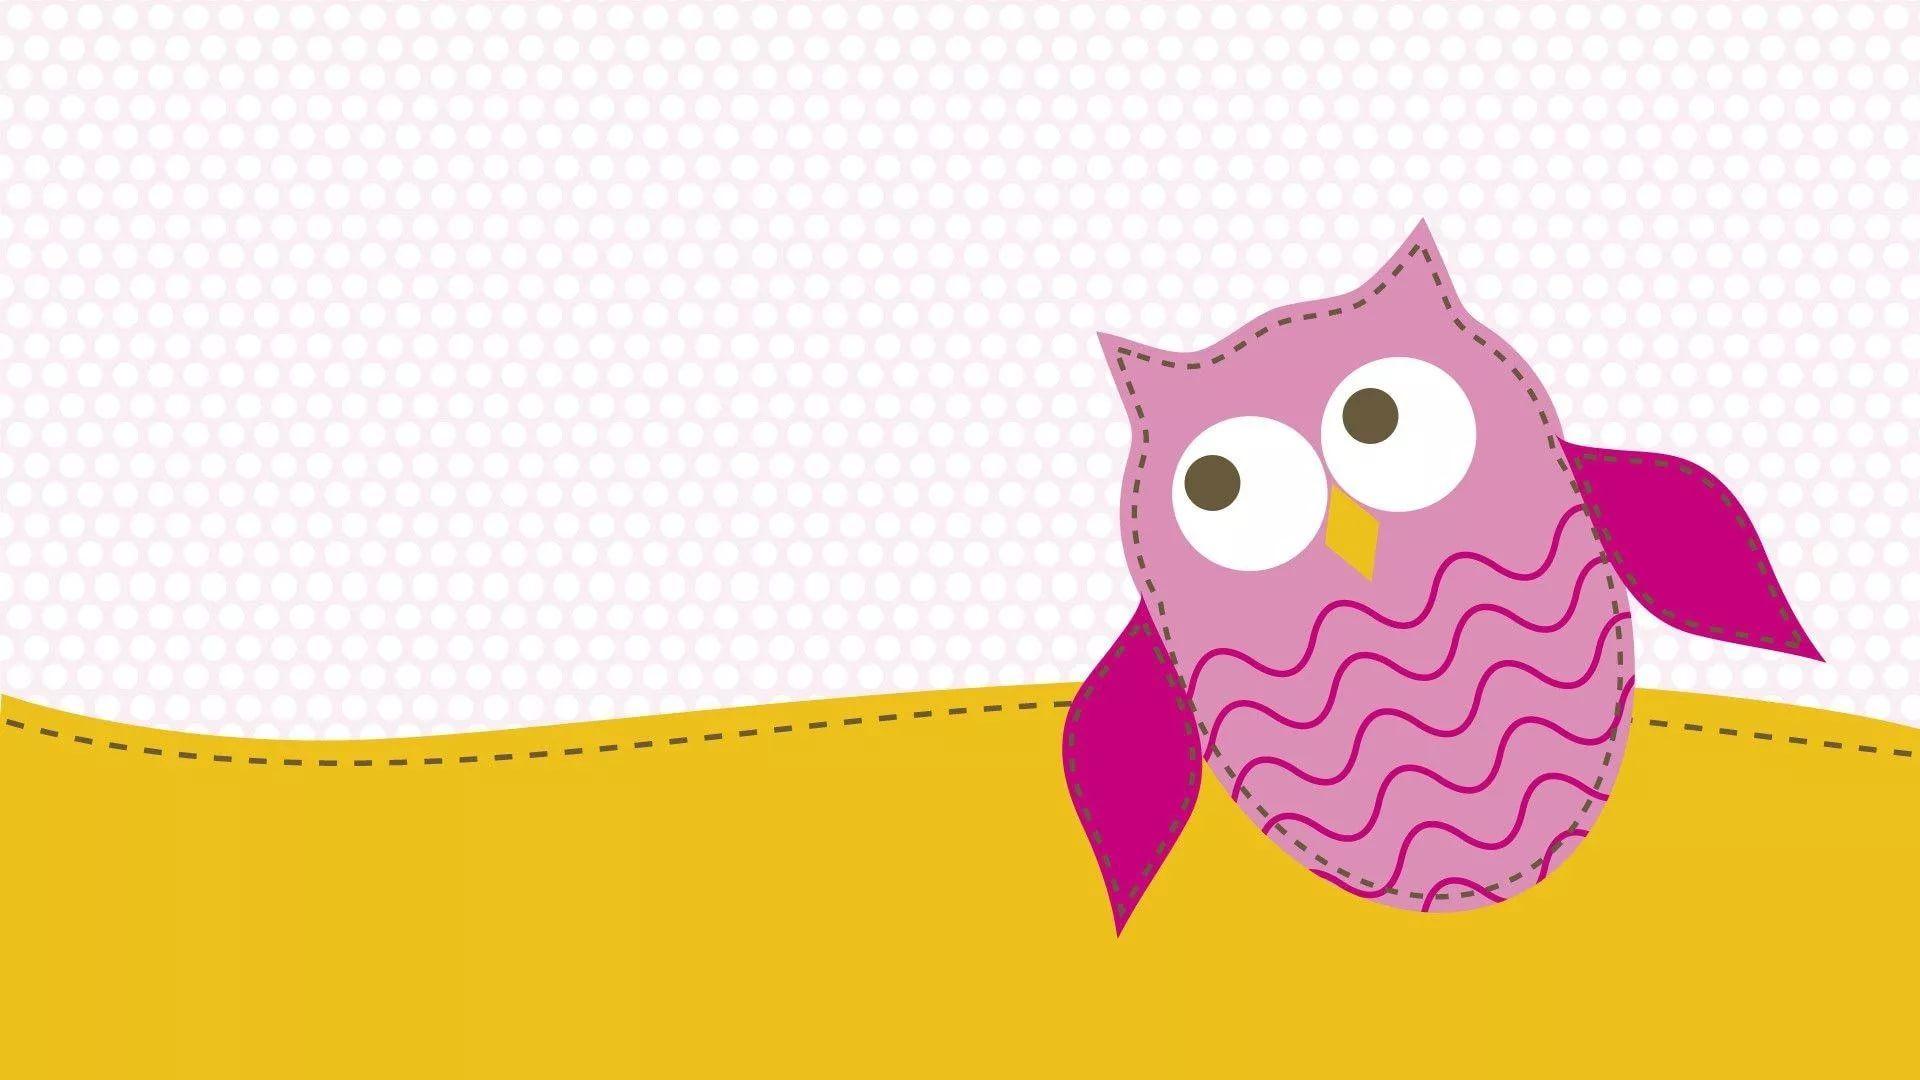 Cute Owl download wallpaper image